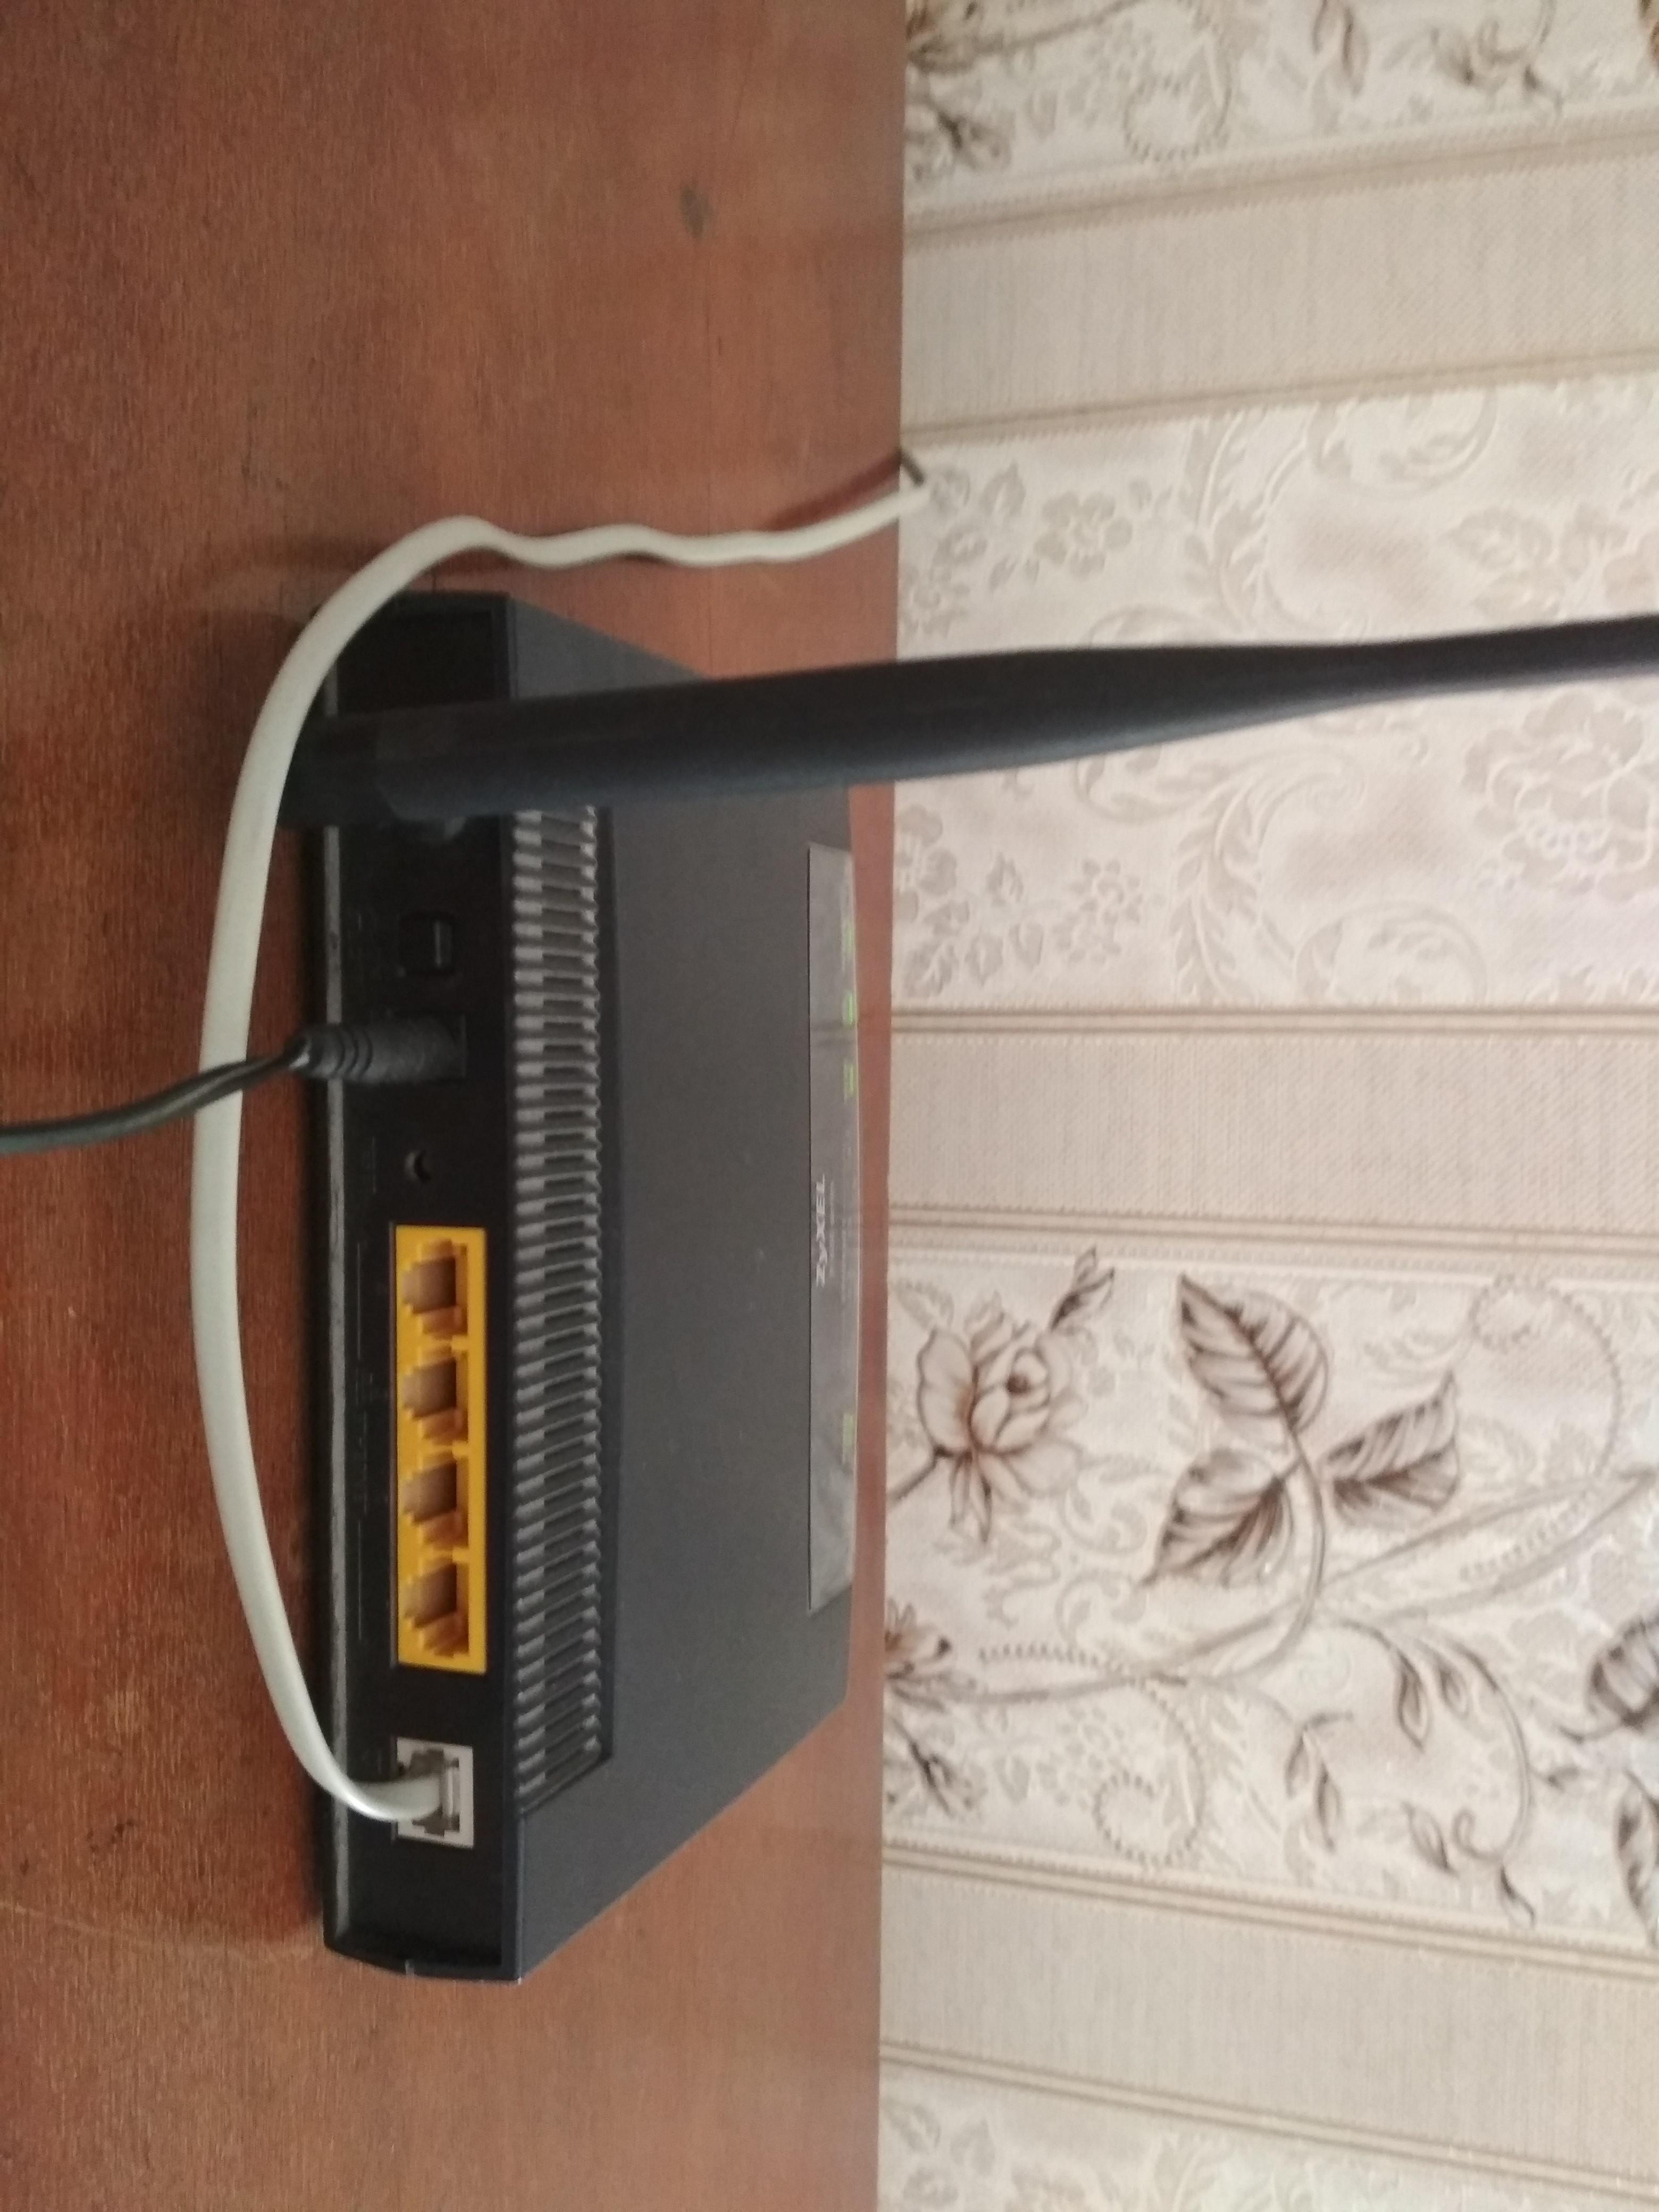 Zyxel modem (4 port / Wi-fi) Bütün aksesuarları üstündədir.